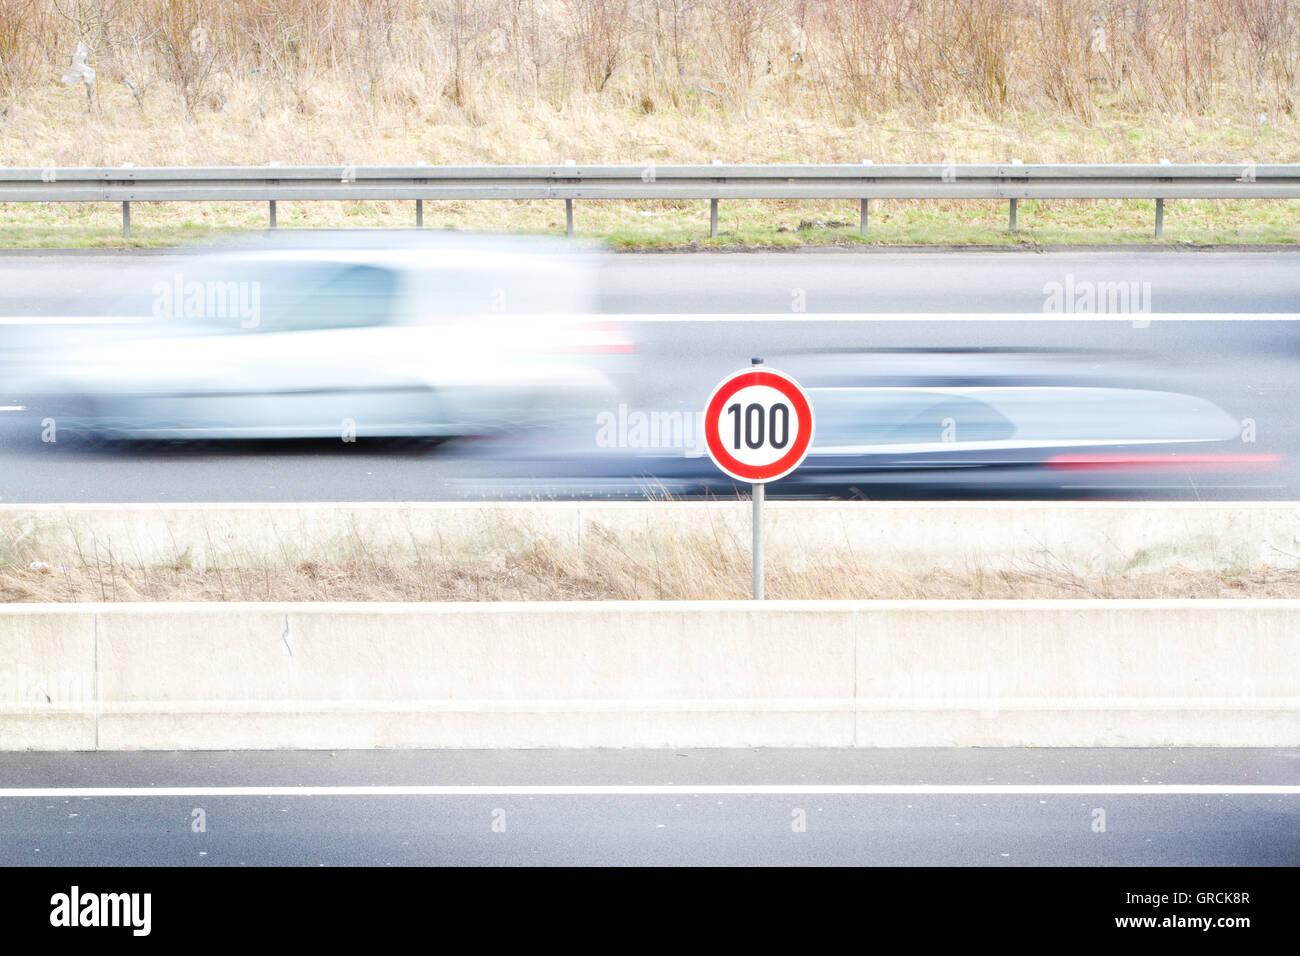 Motorway Speed Limit Motion Blur - Stock Image